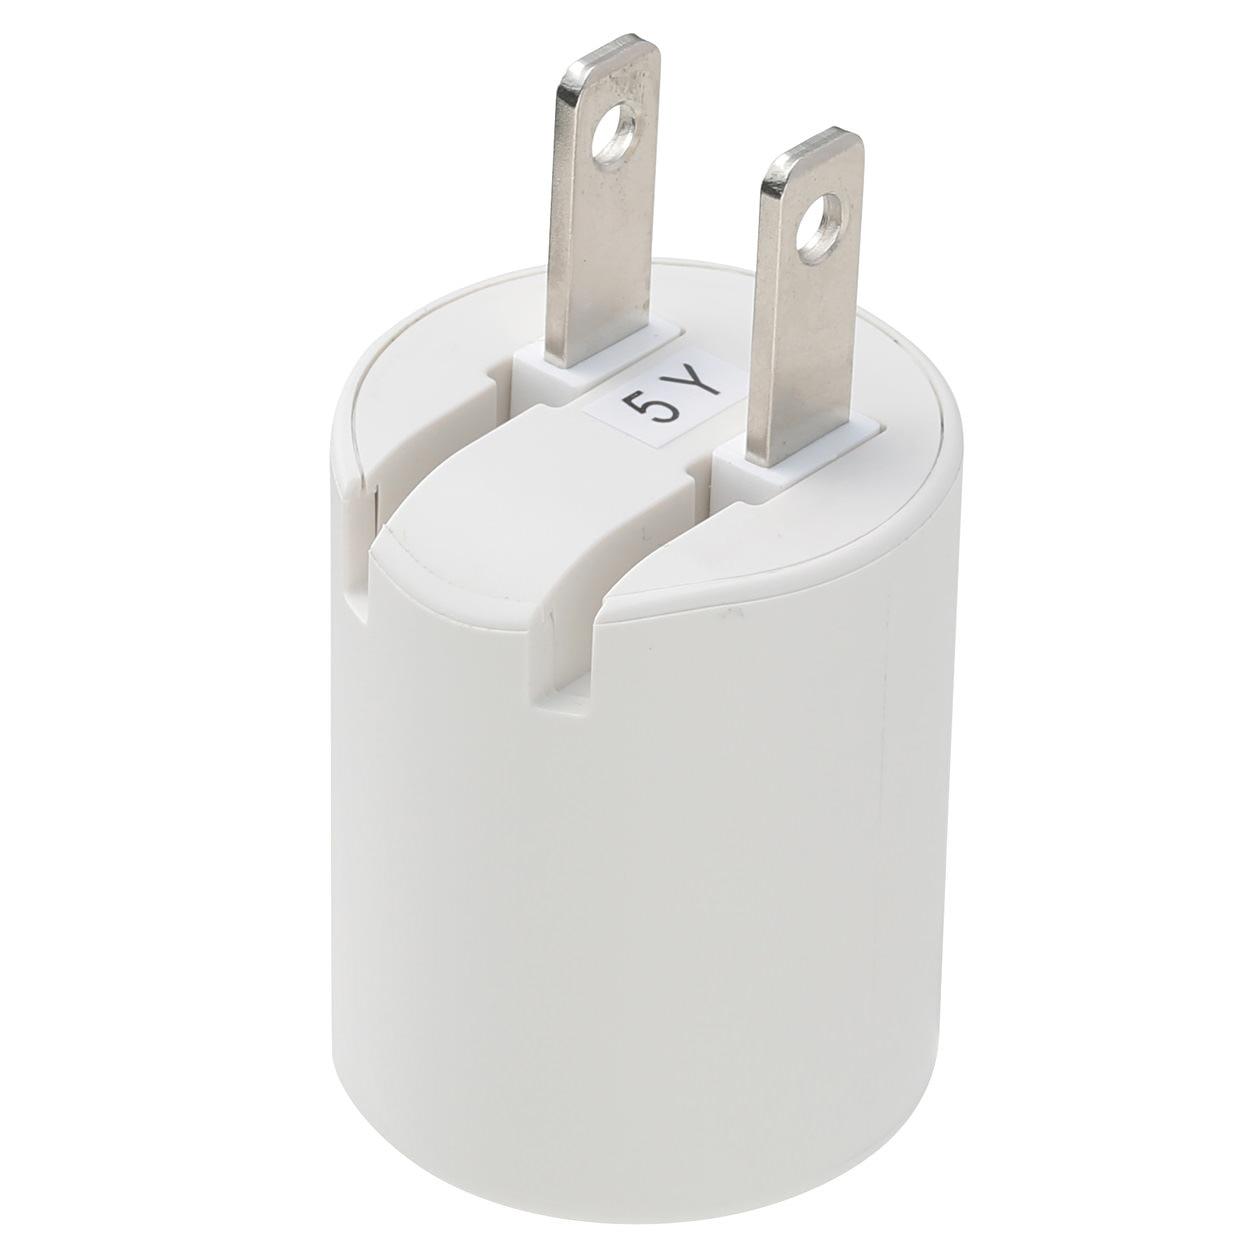 プラグがしまえるUSB用ACアダプター・USBポート1個口